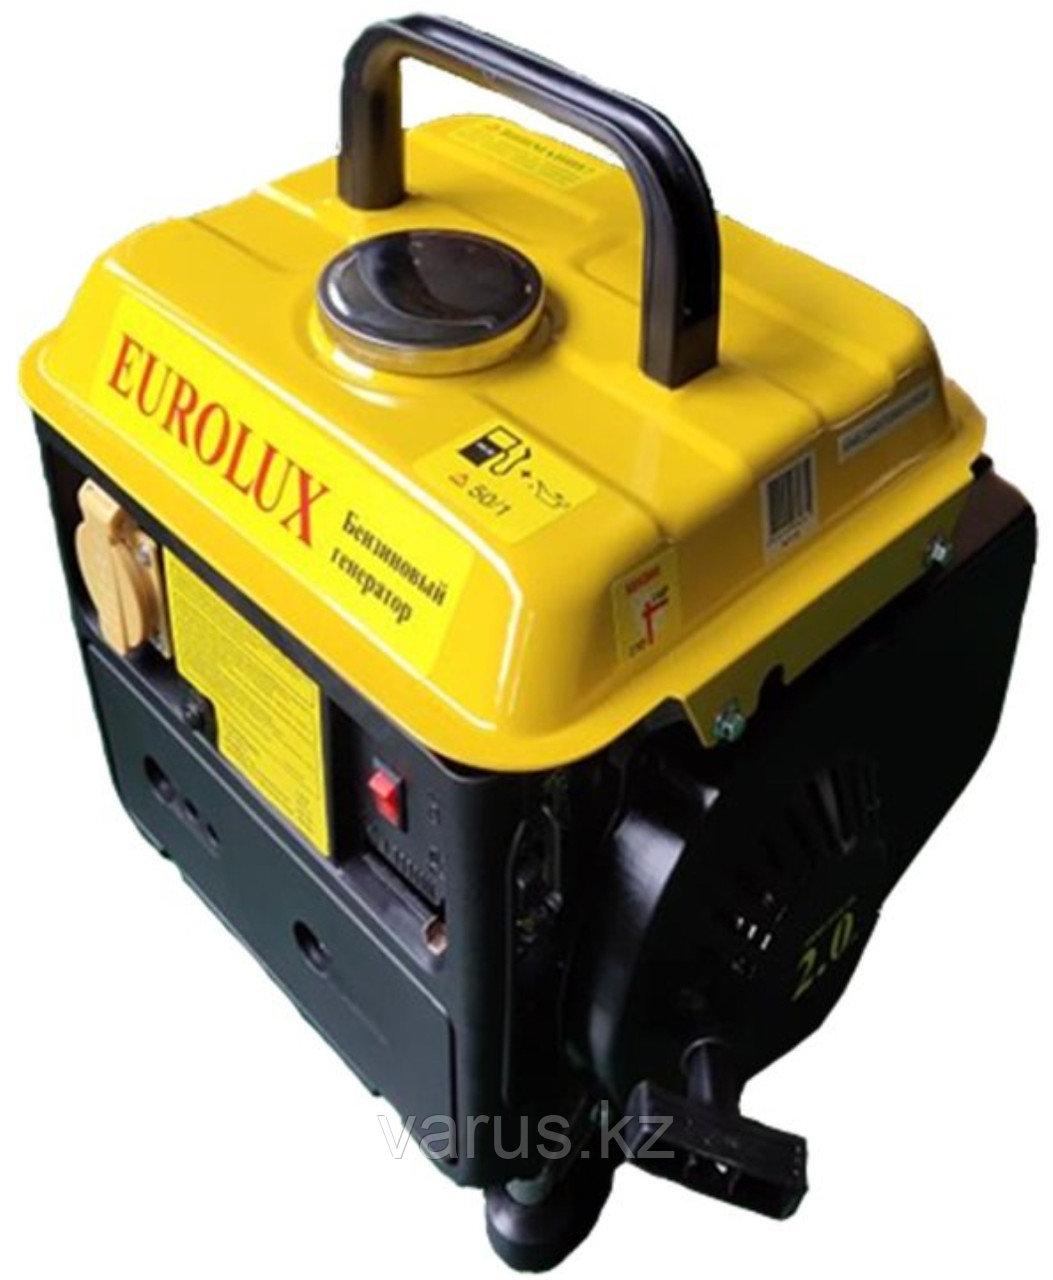 Электрогенератор EUROLUX G950A